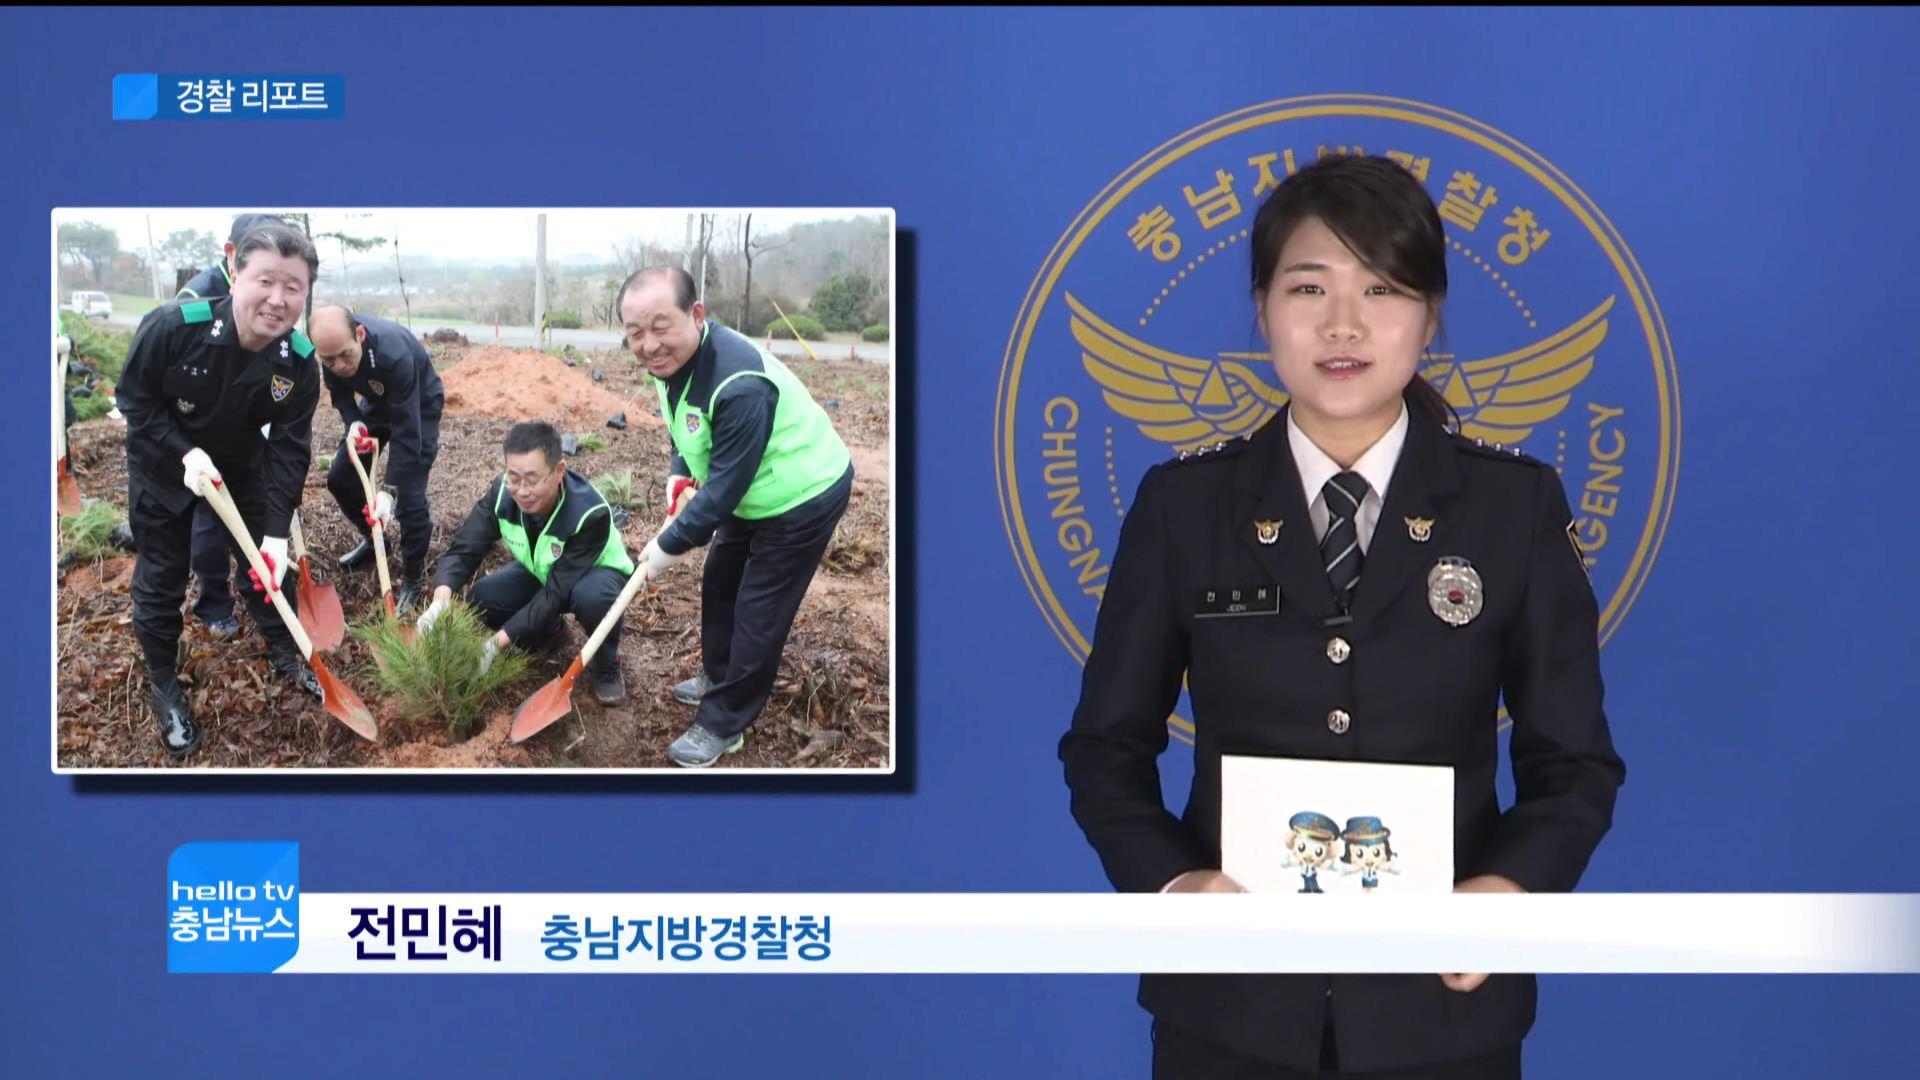 충남경찰 리포트 61회